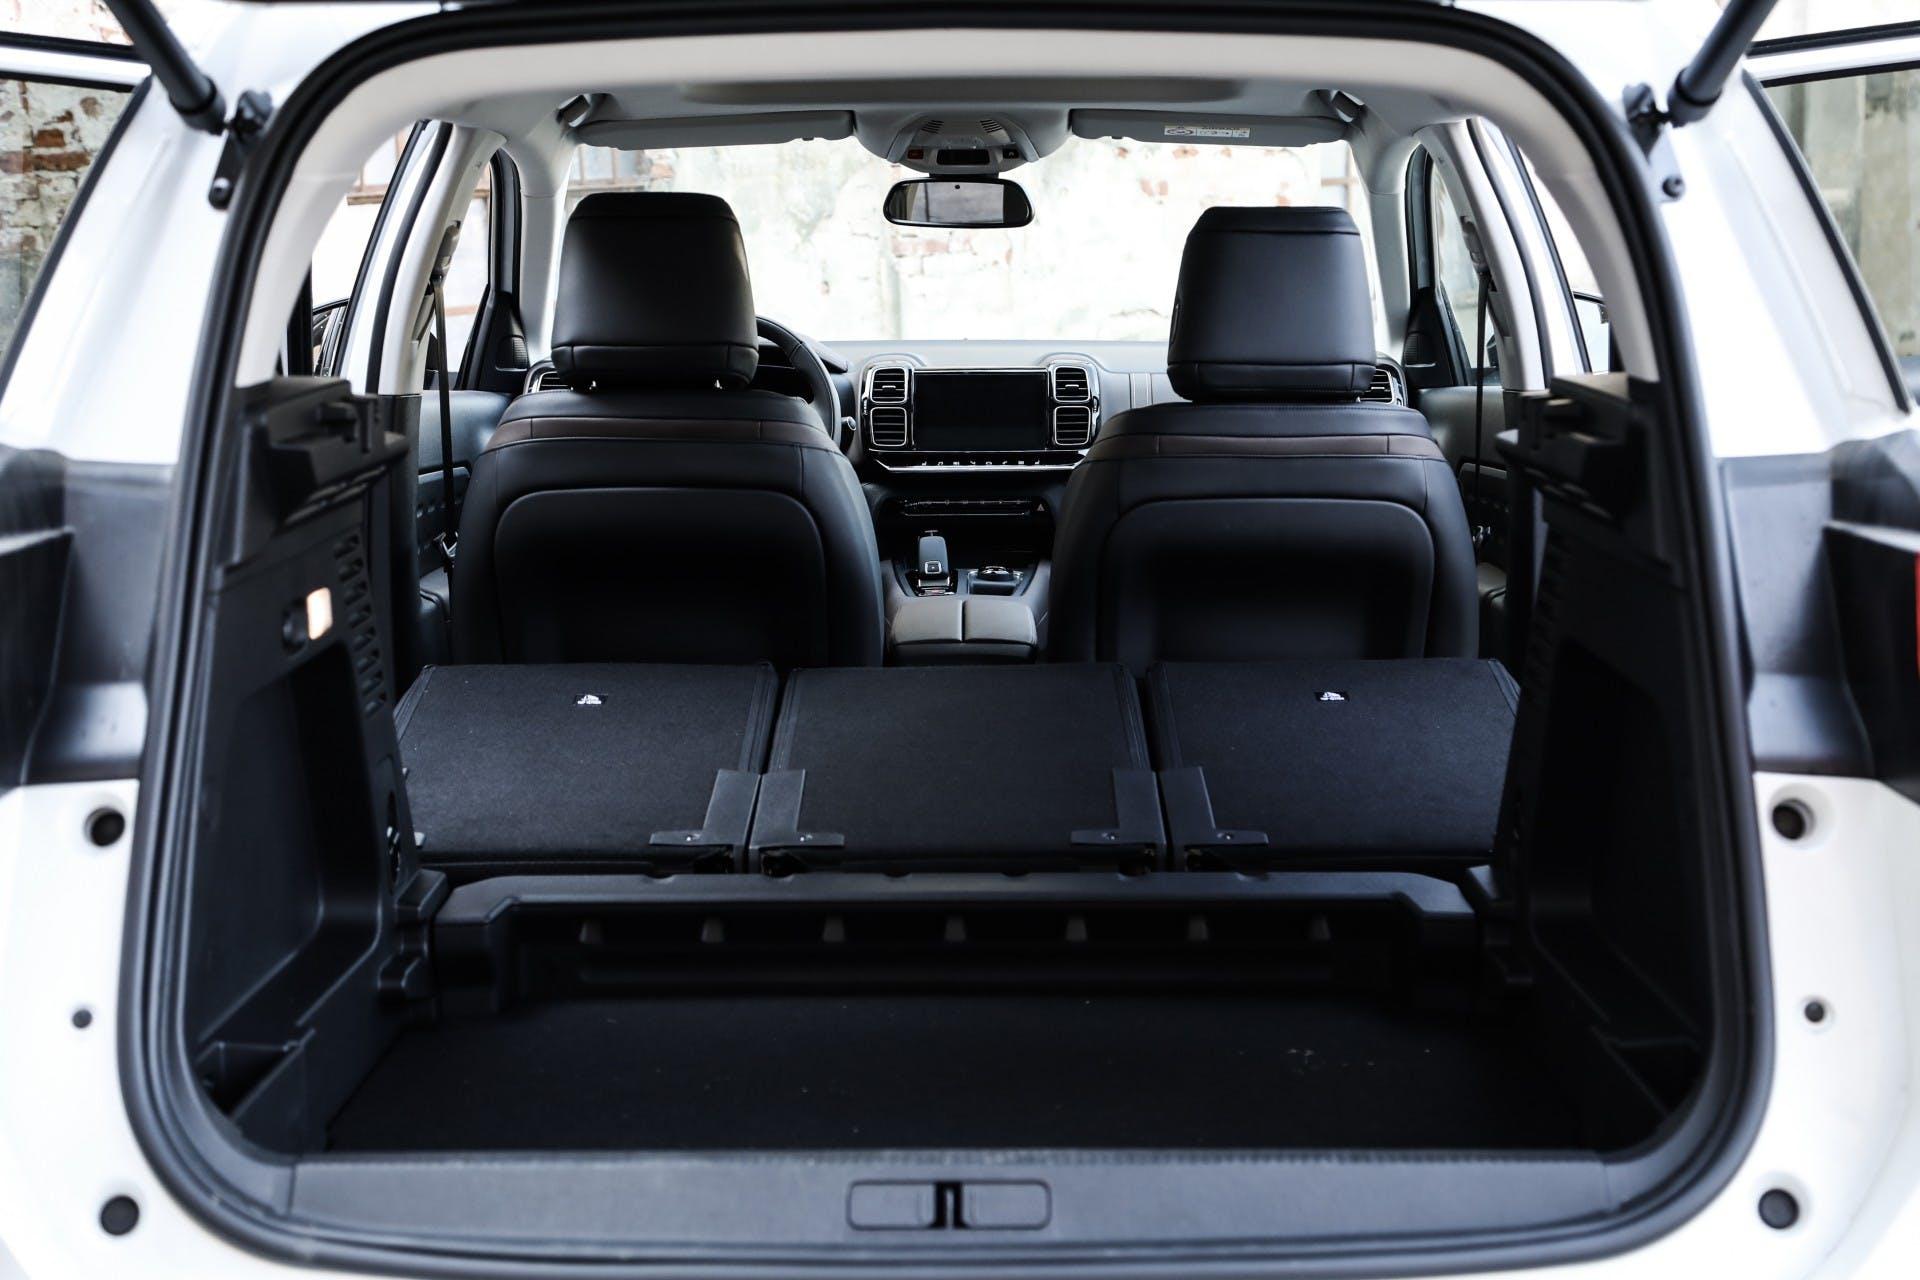 Citroen C5 Aircross 2019 auto interni baule spazio sedili ribaltabili